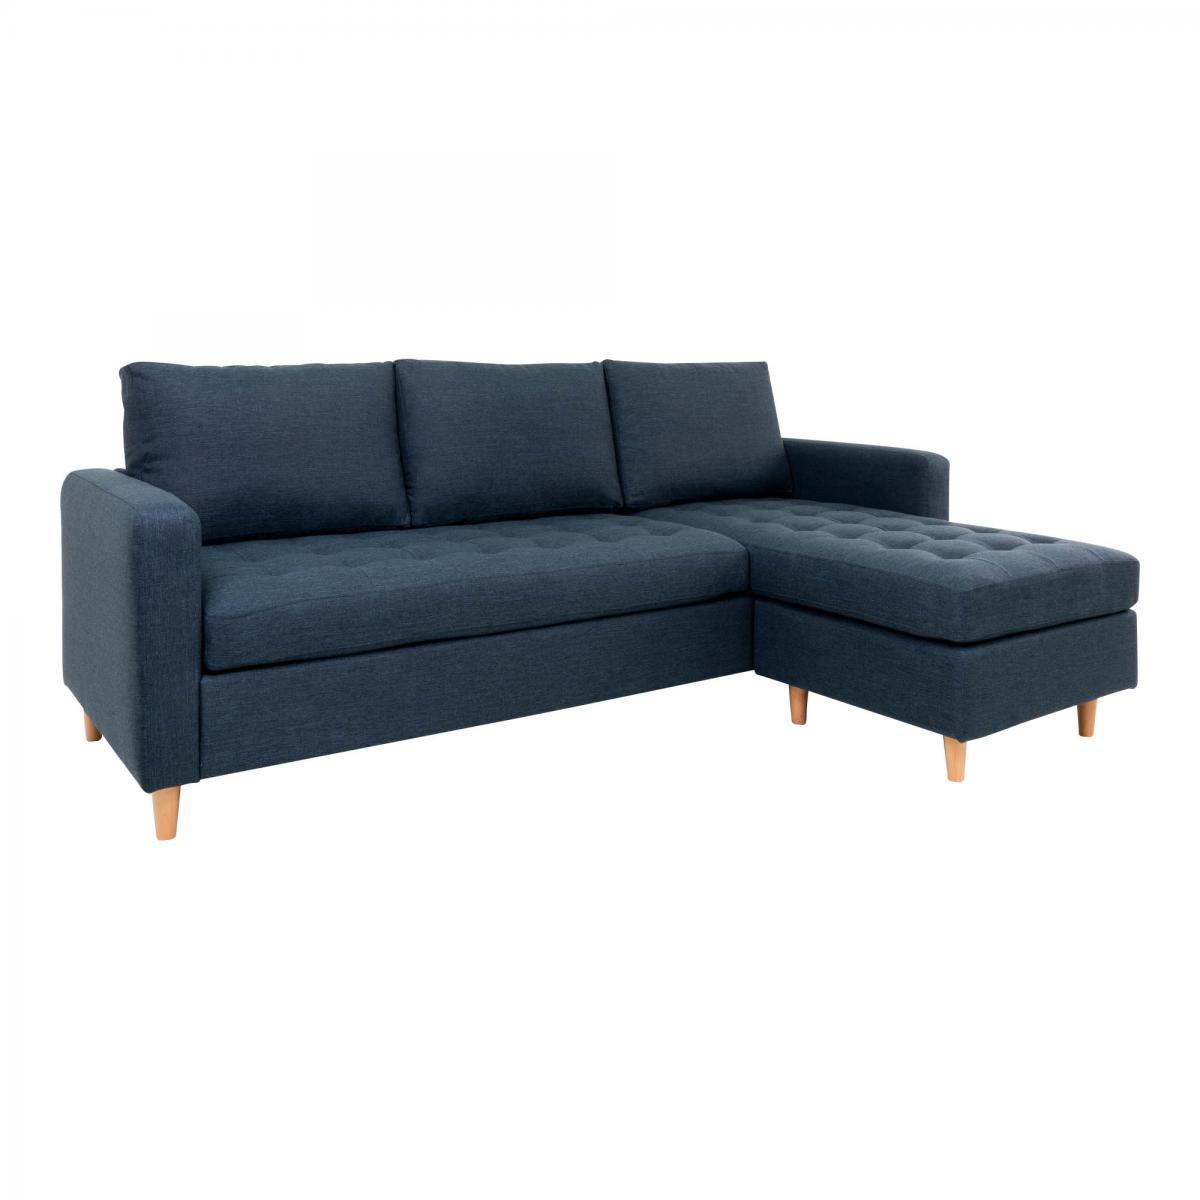 House Nordic Canapé Lounge FIRENZE Bleu Foncé Piètement Naturel Obtenez un salon classe avec leCanapé Lounge FIRENZE Bleu Foncé PiètementNaturel. Un canapé d'angle confortable qui pourra s'incorporer dans tous vos styles d'intérieur grâce à sa belle et